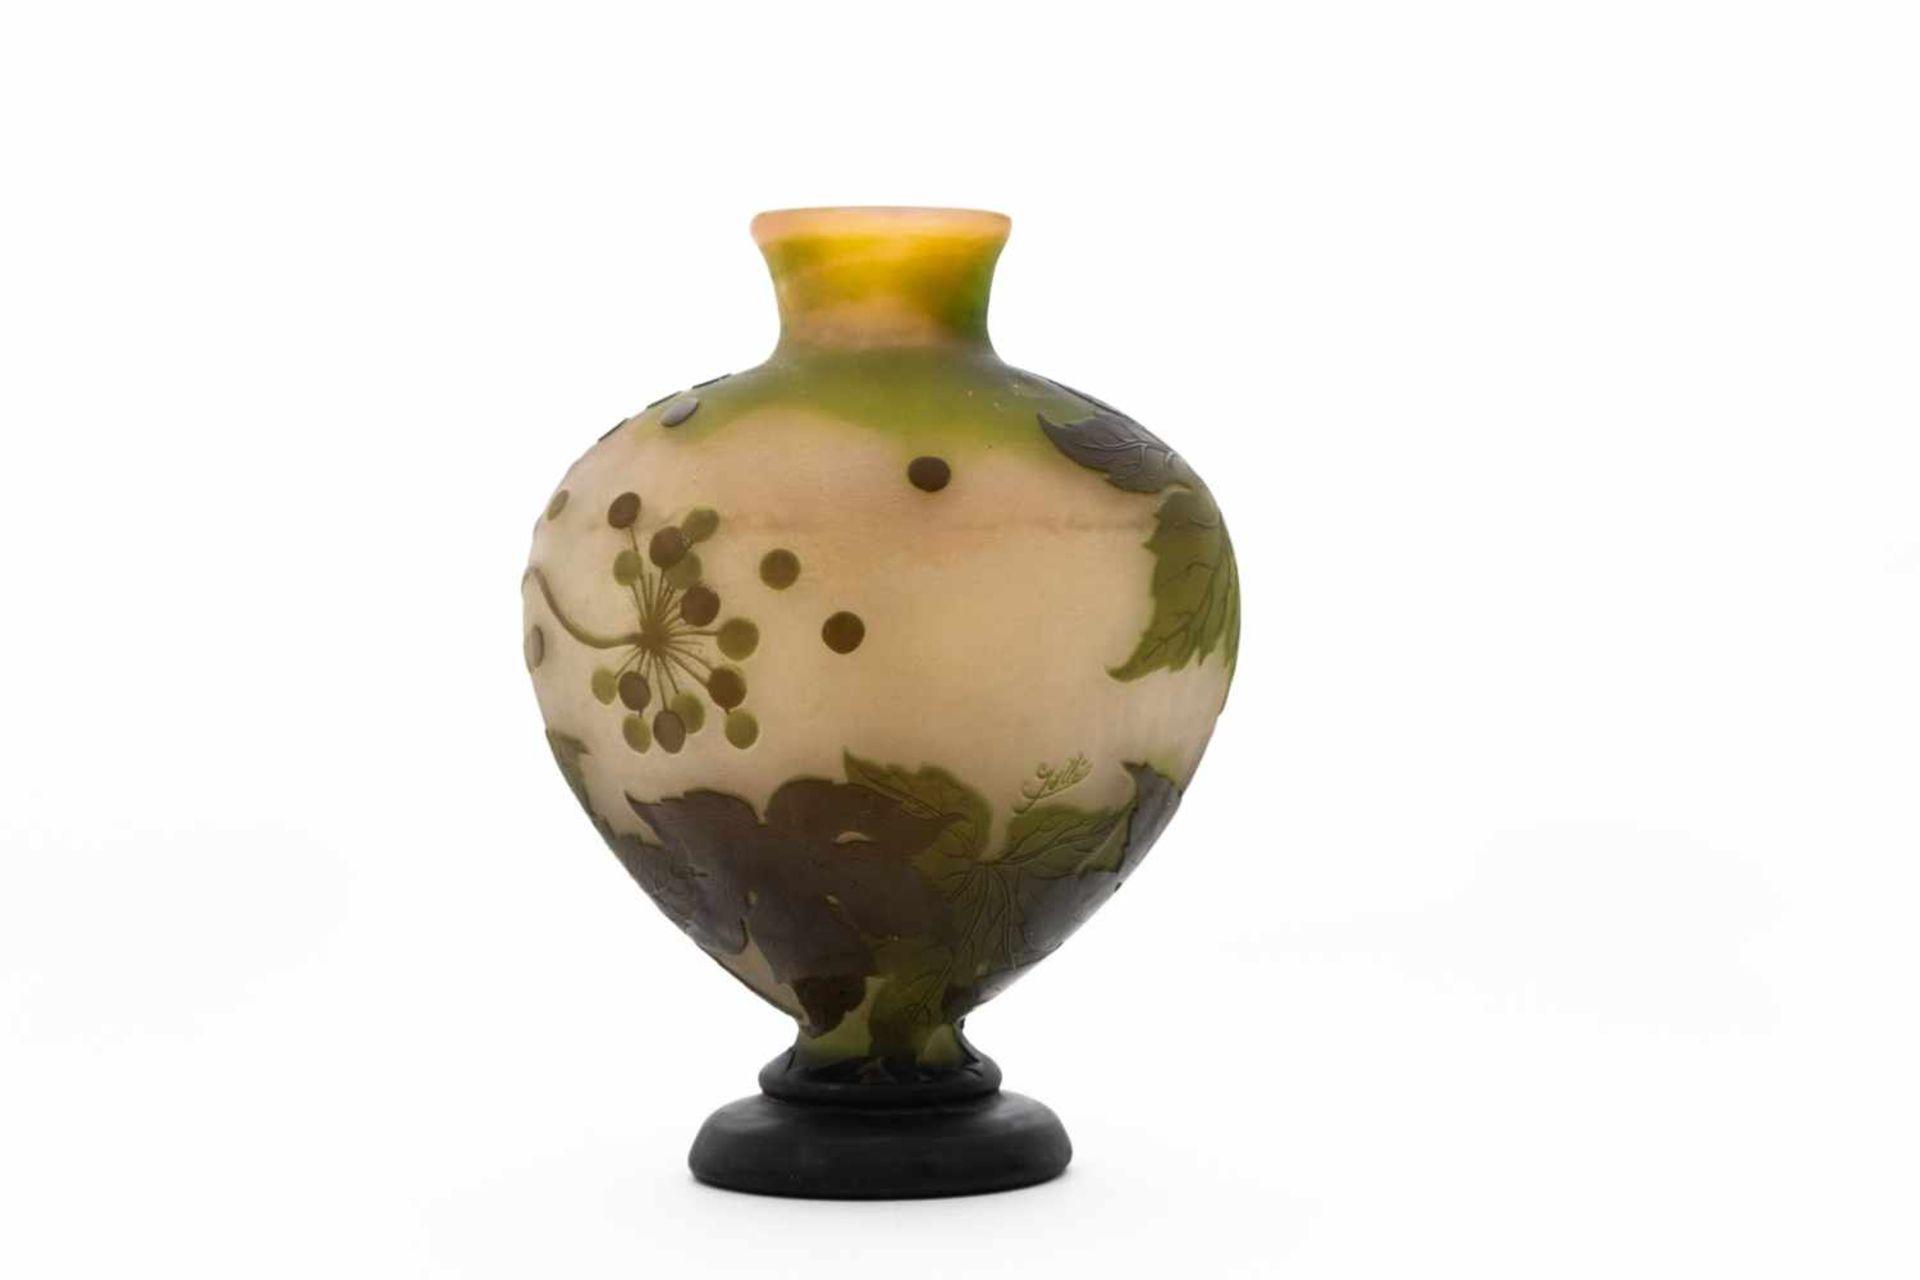 Gallé Vase um 1900Blüten und Blätter Dekor, 4 farbig geätzt und geschliffen, Höhe 32 cm